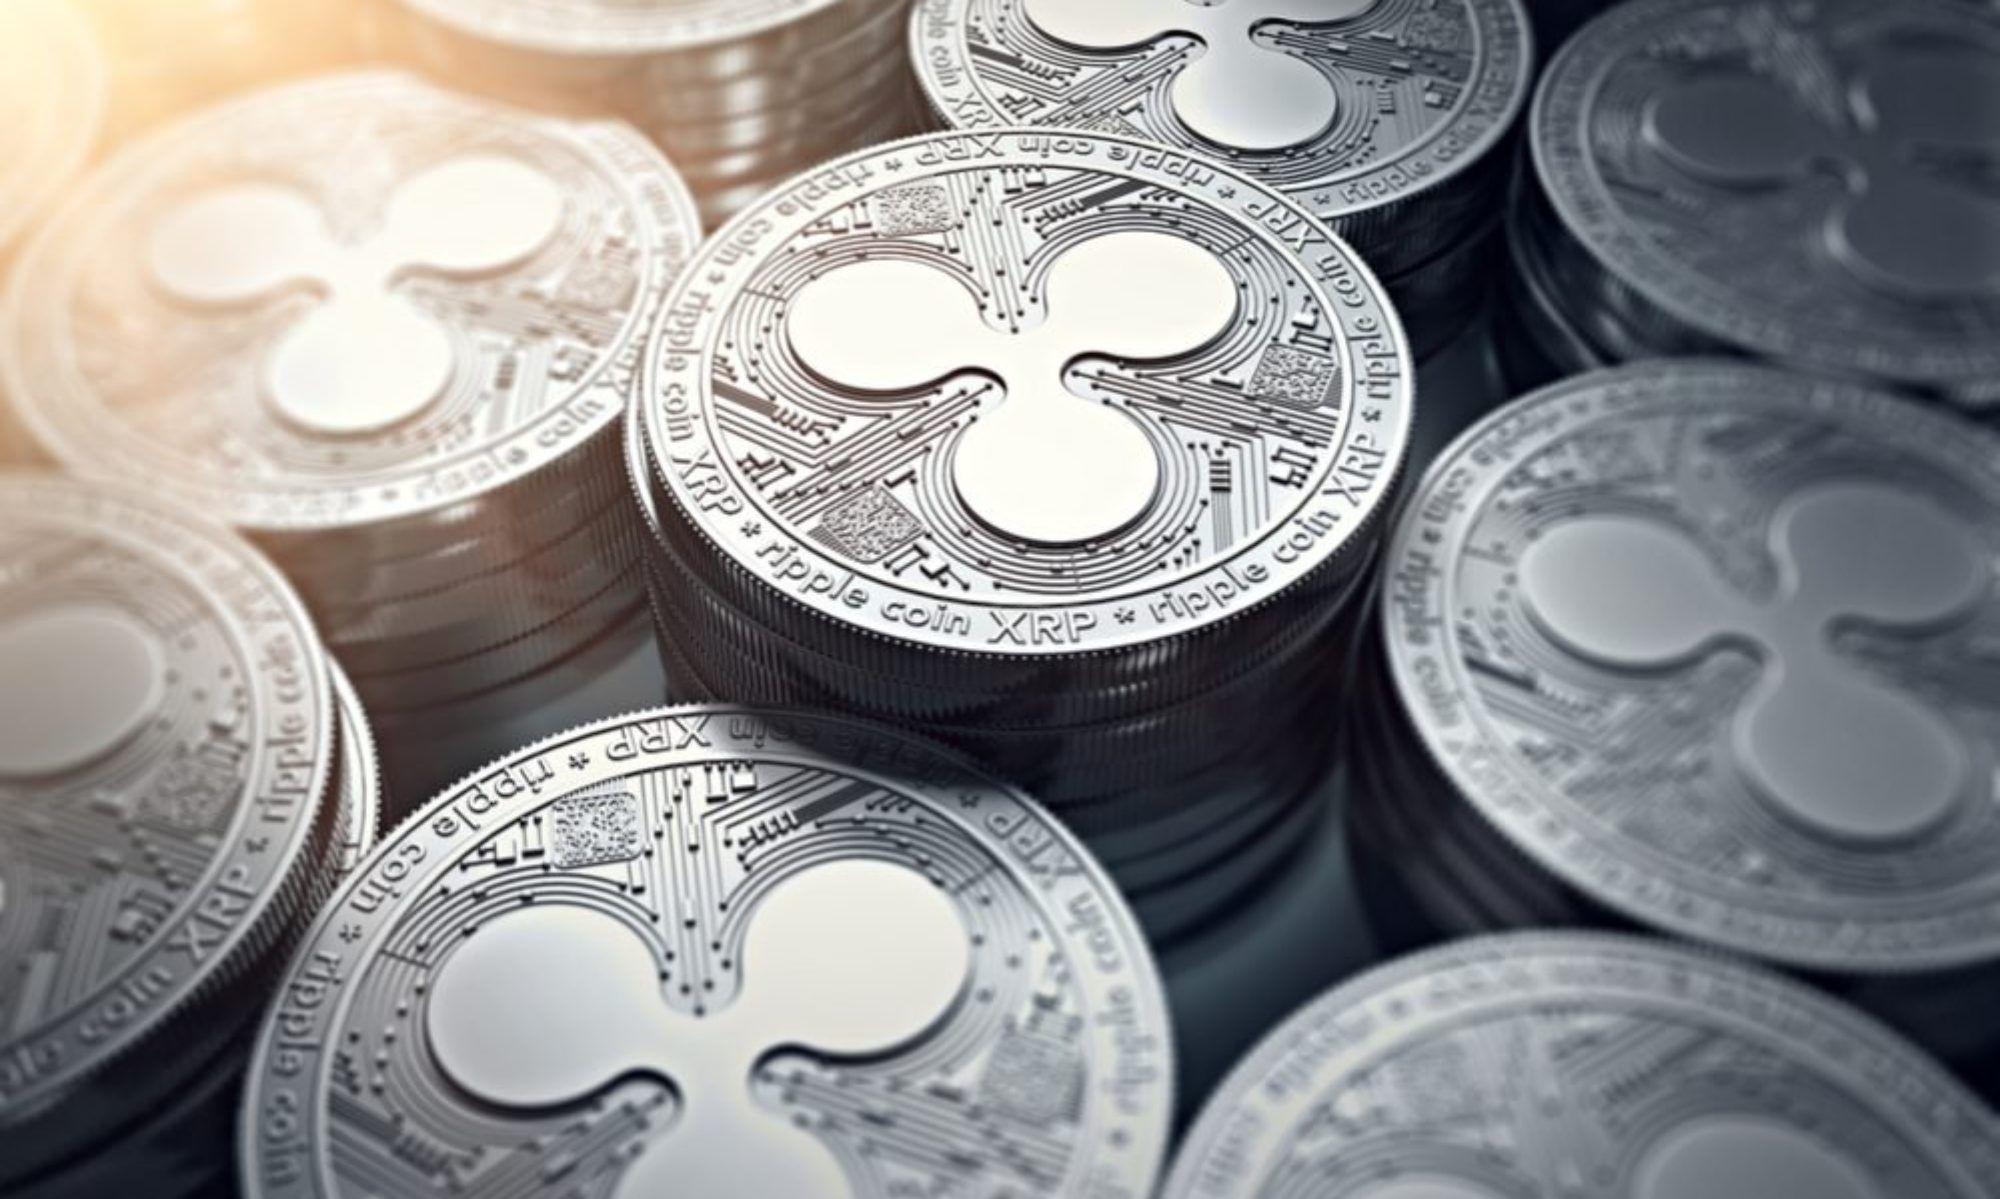 giá bitcoin: Giá XRP giảm mạnh 5% trước thềm sự kiện Swell 2019